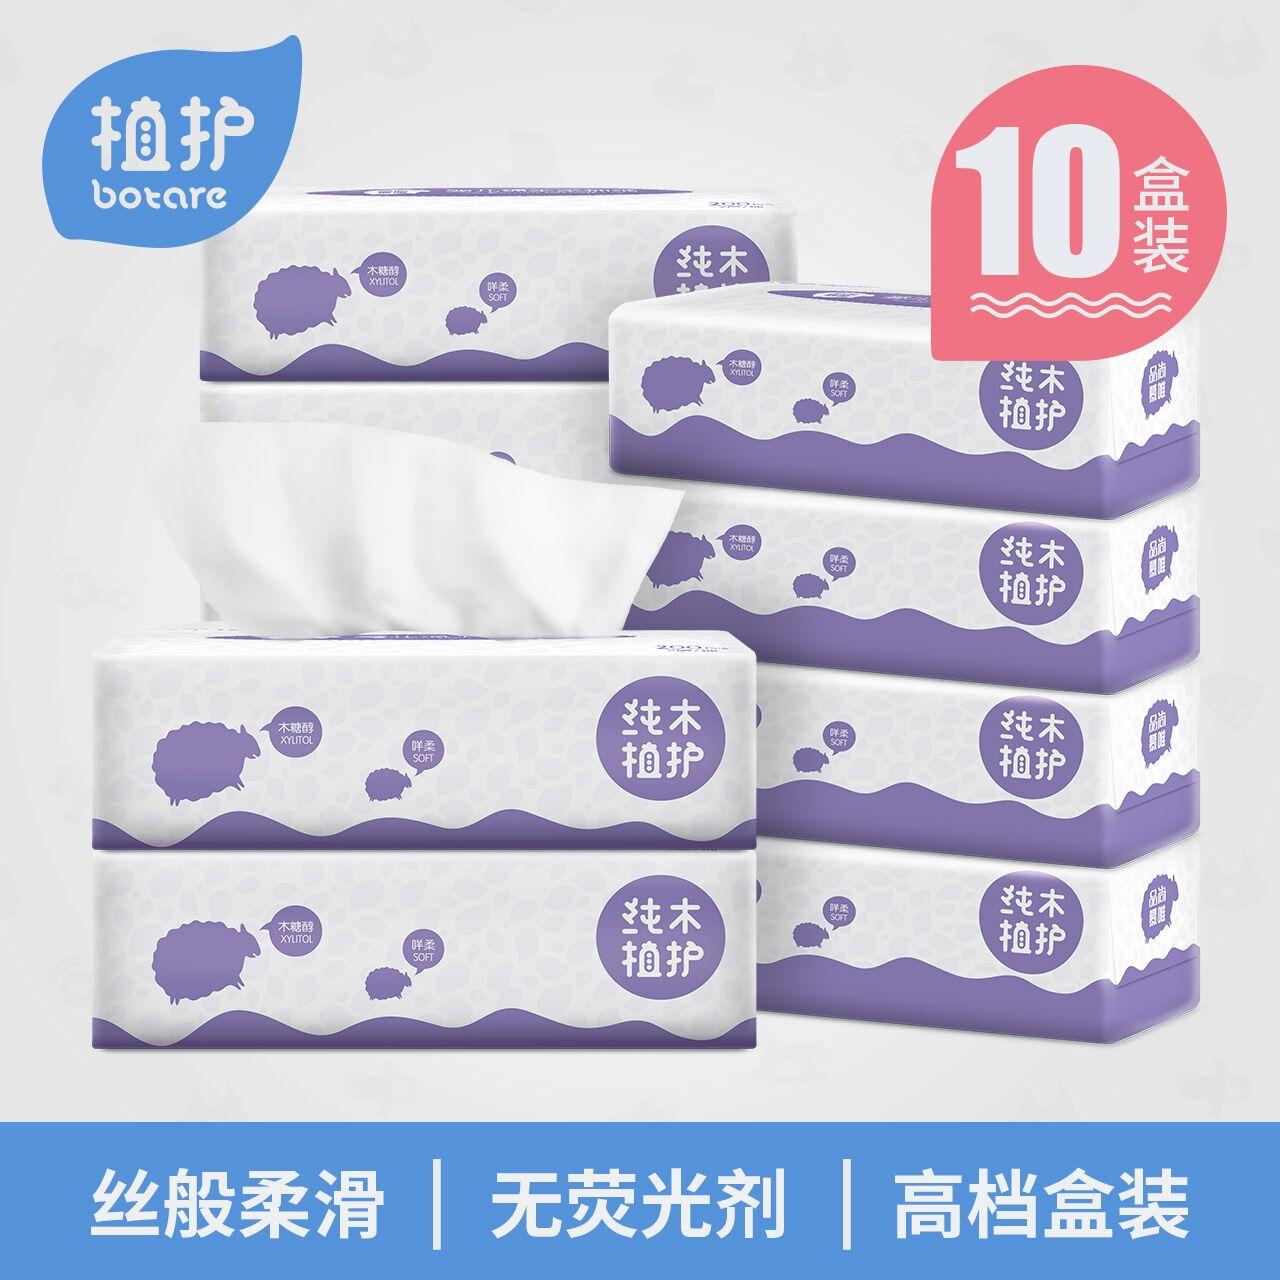 植护 婴儿绵羊柔原木抽纸100抽*10盒 餐巾纸抽取式硬盒装面巾纸